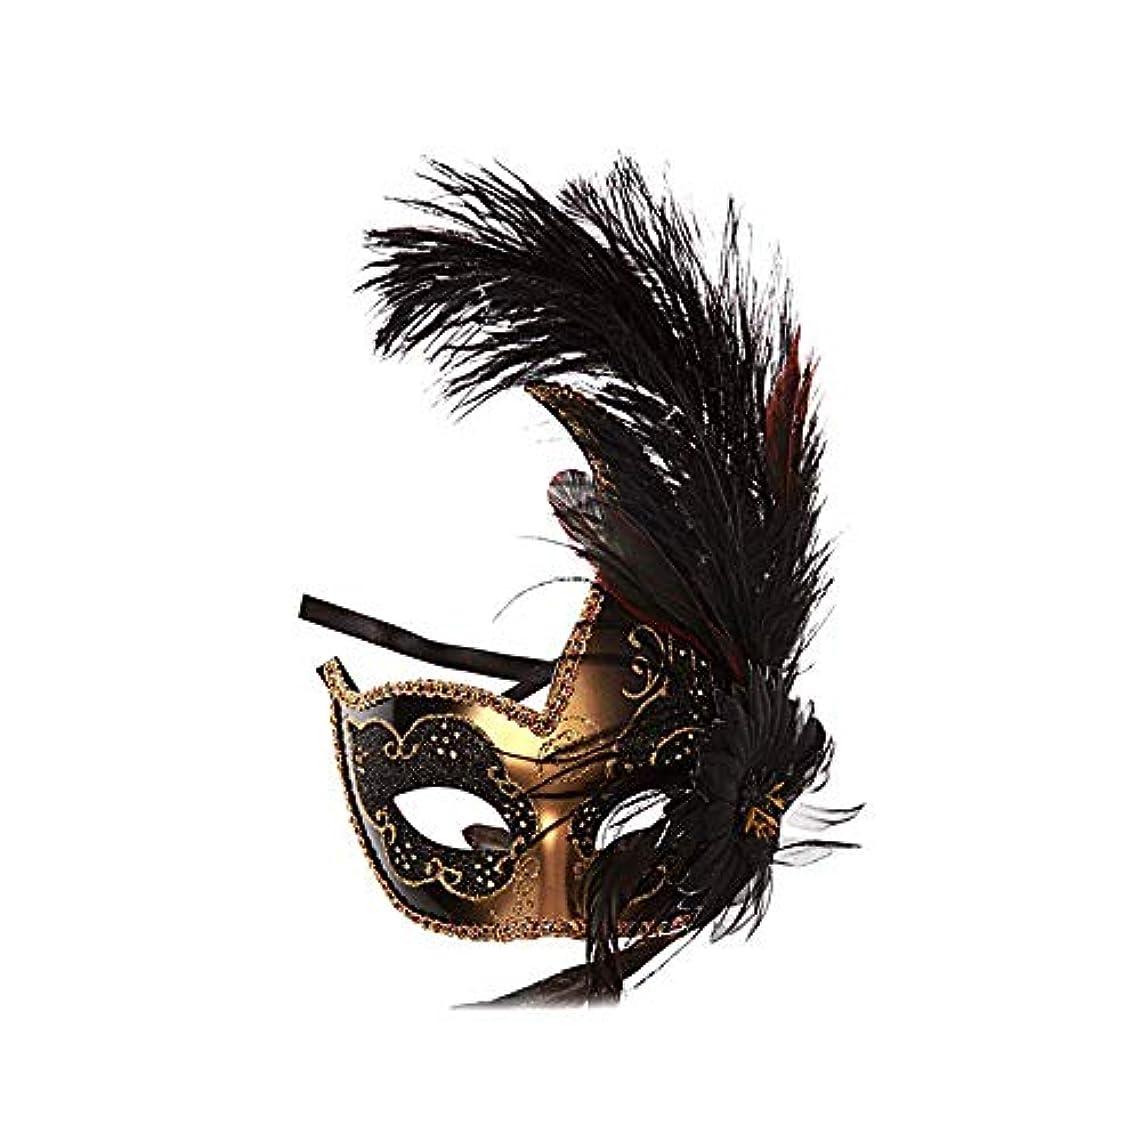 ガソリントランペット腫瘍Nanle ハロウィンマスクハーフフェザーマスクベニスプリンセスマスク美容レース仮面ライダーコスプレ (色 : Style B black)